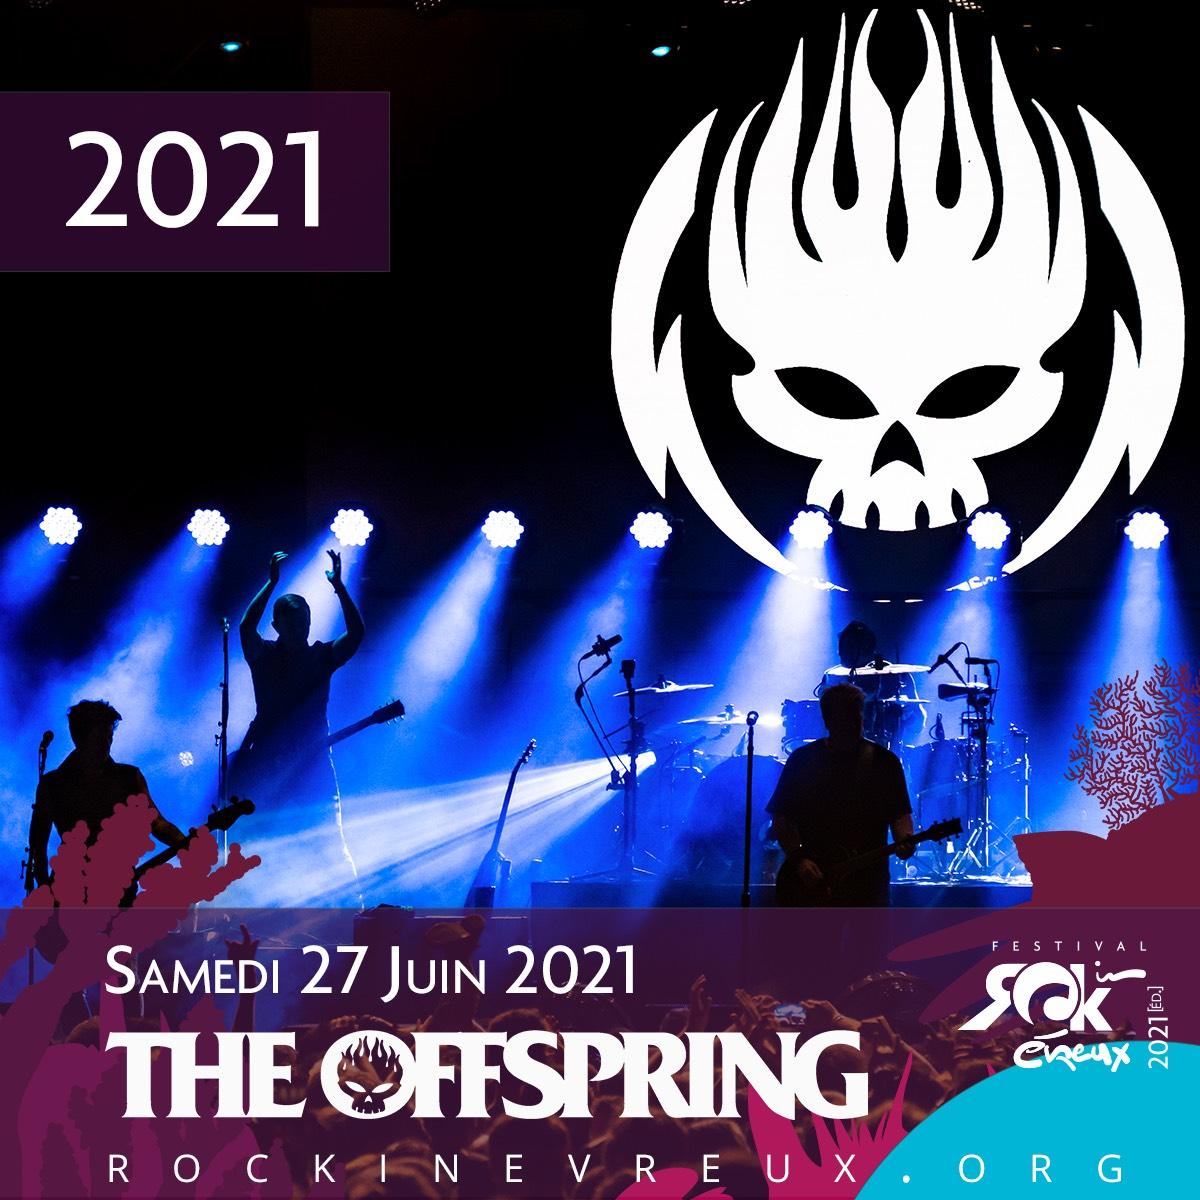 Festival Rock in Evreux